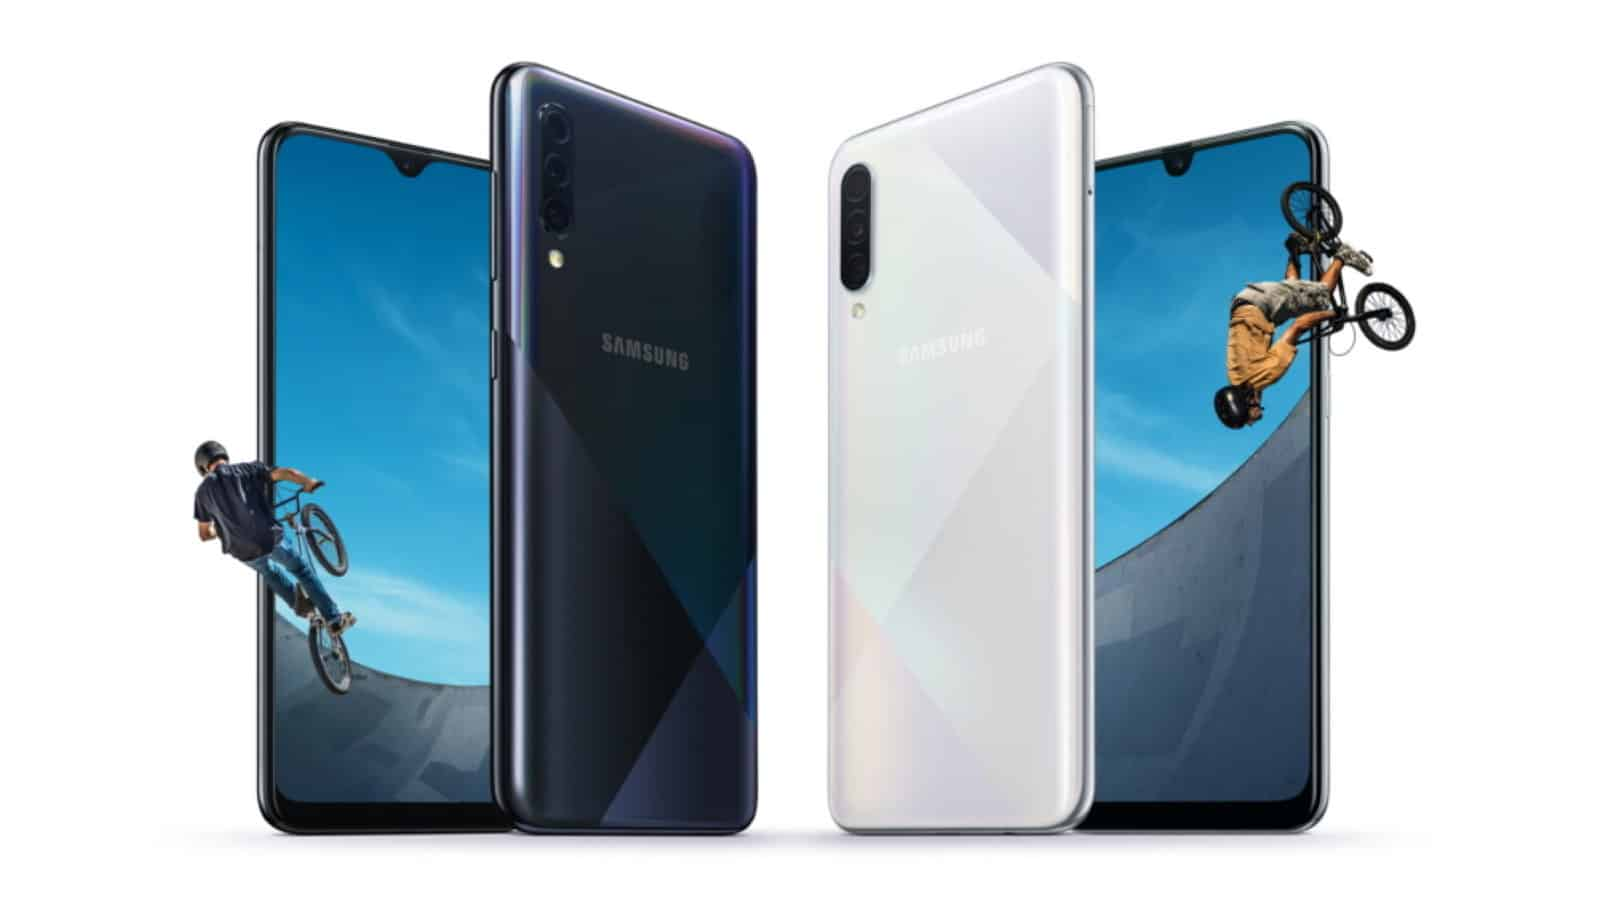 Samsung startet offiziell Galaxy A30 und Galaxy A50: Spezifikationen, Releases und mehr